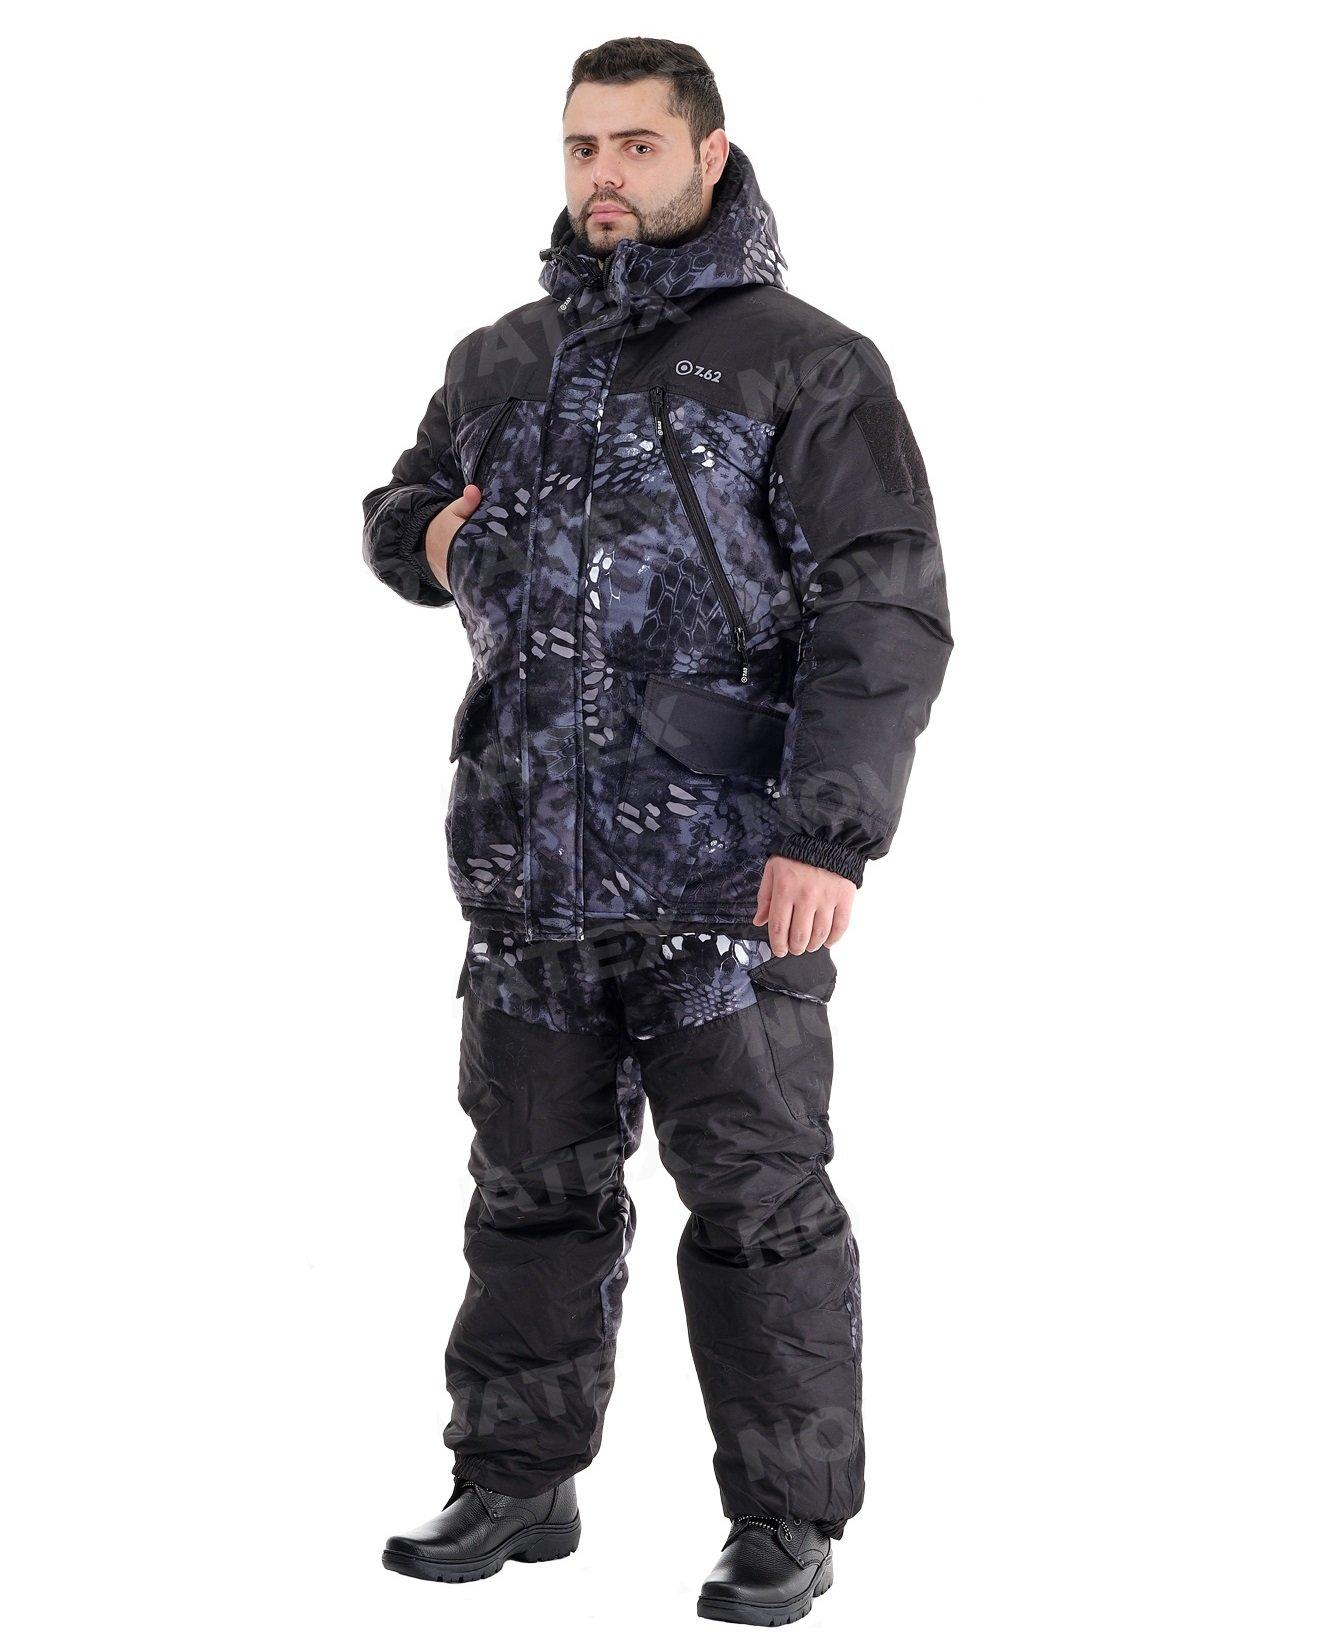 Зимний костюм для охоты и рыбалки «Горка Зима» -45° (Алова, Черный питон) 7,62